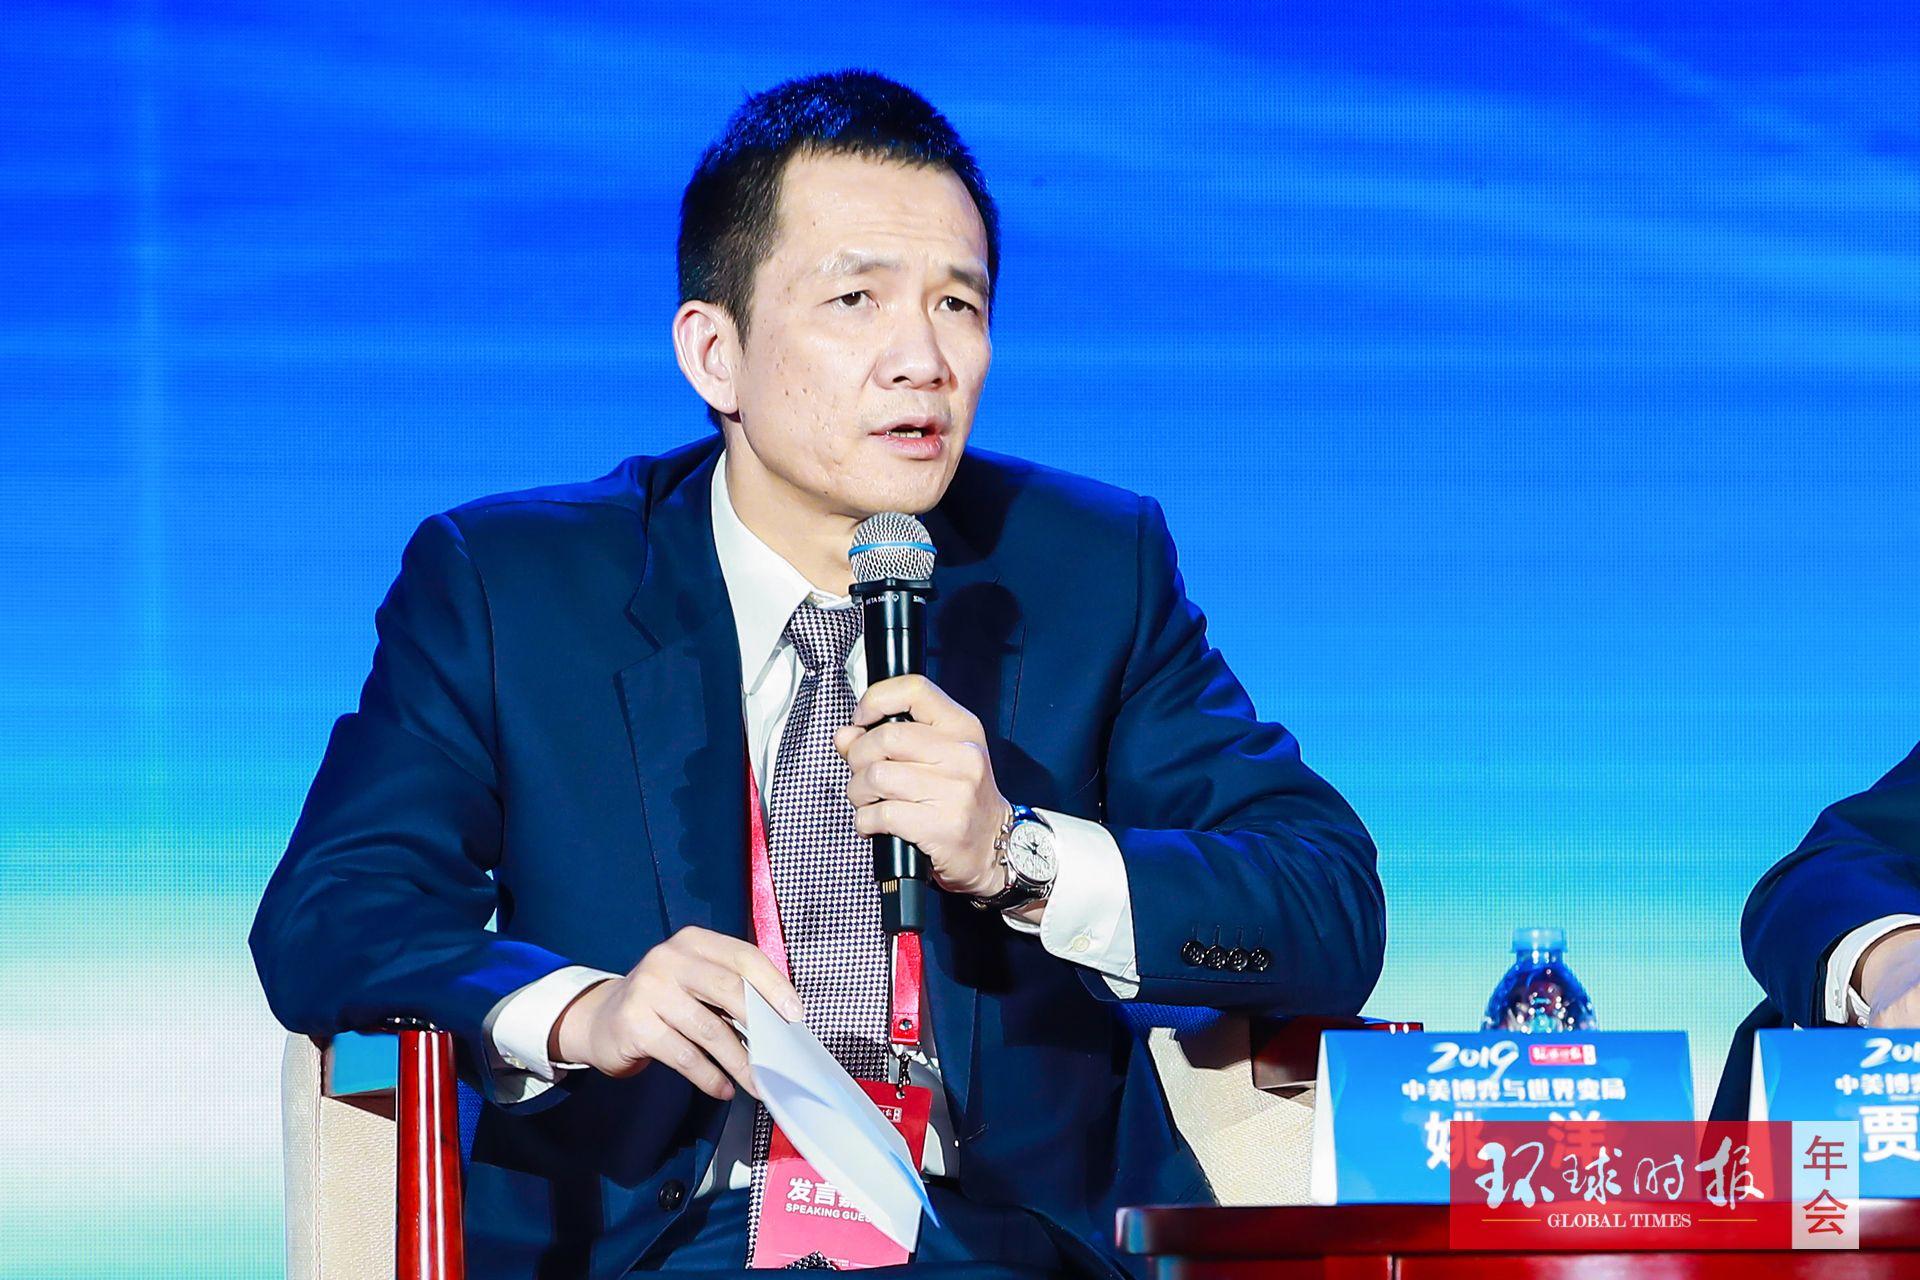 姚洋:中国是个发展中国家 美所谓对等原则不合理